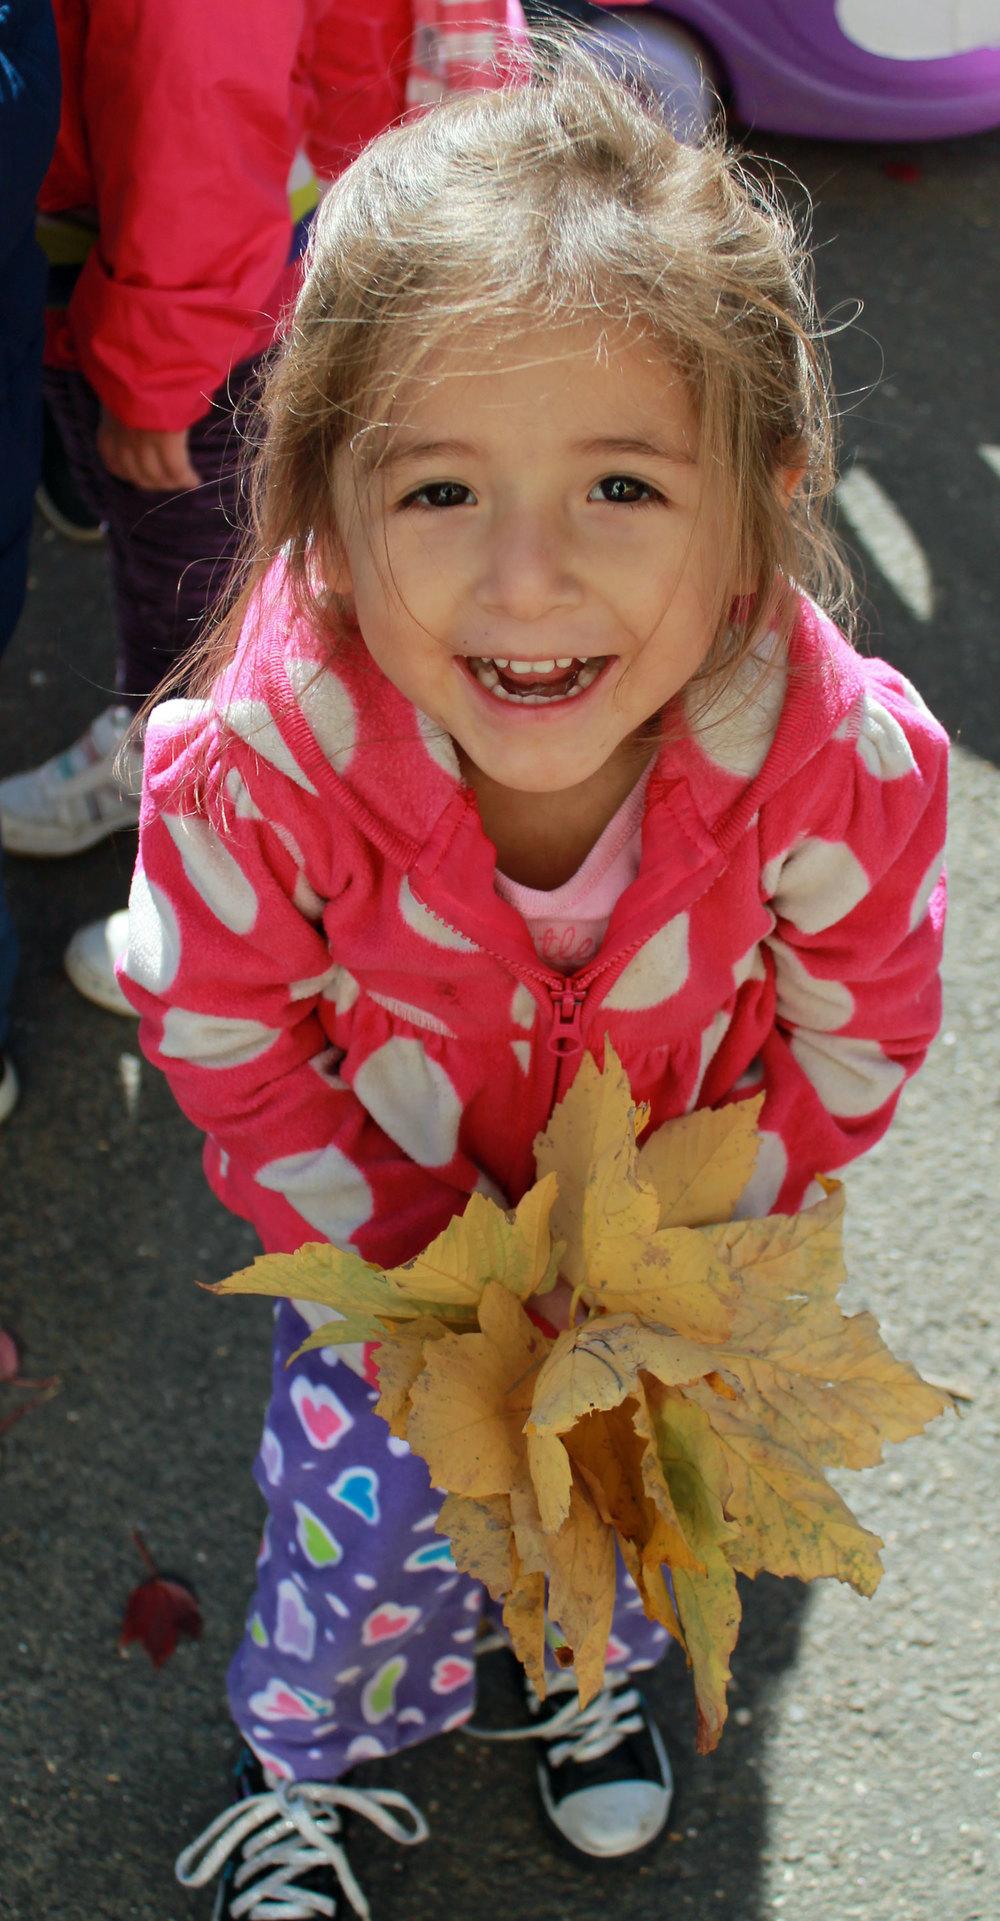 IMG_2759_PreschoolerLeavesWeb.jpg